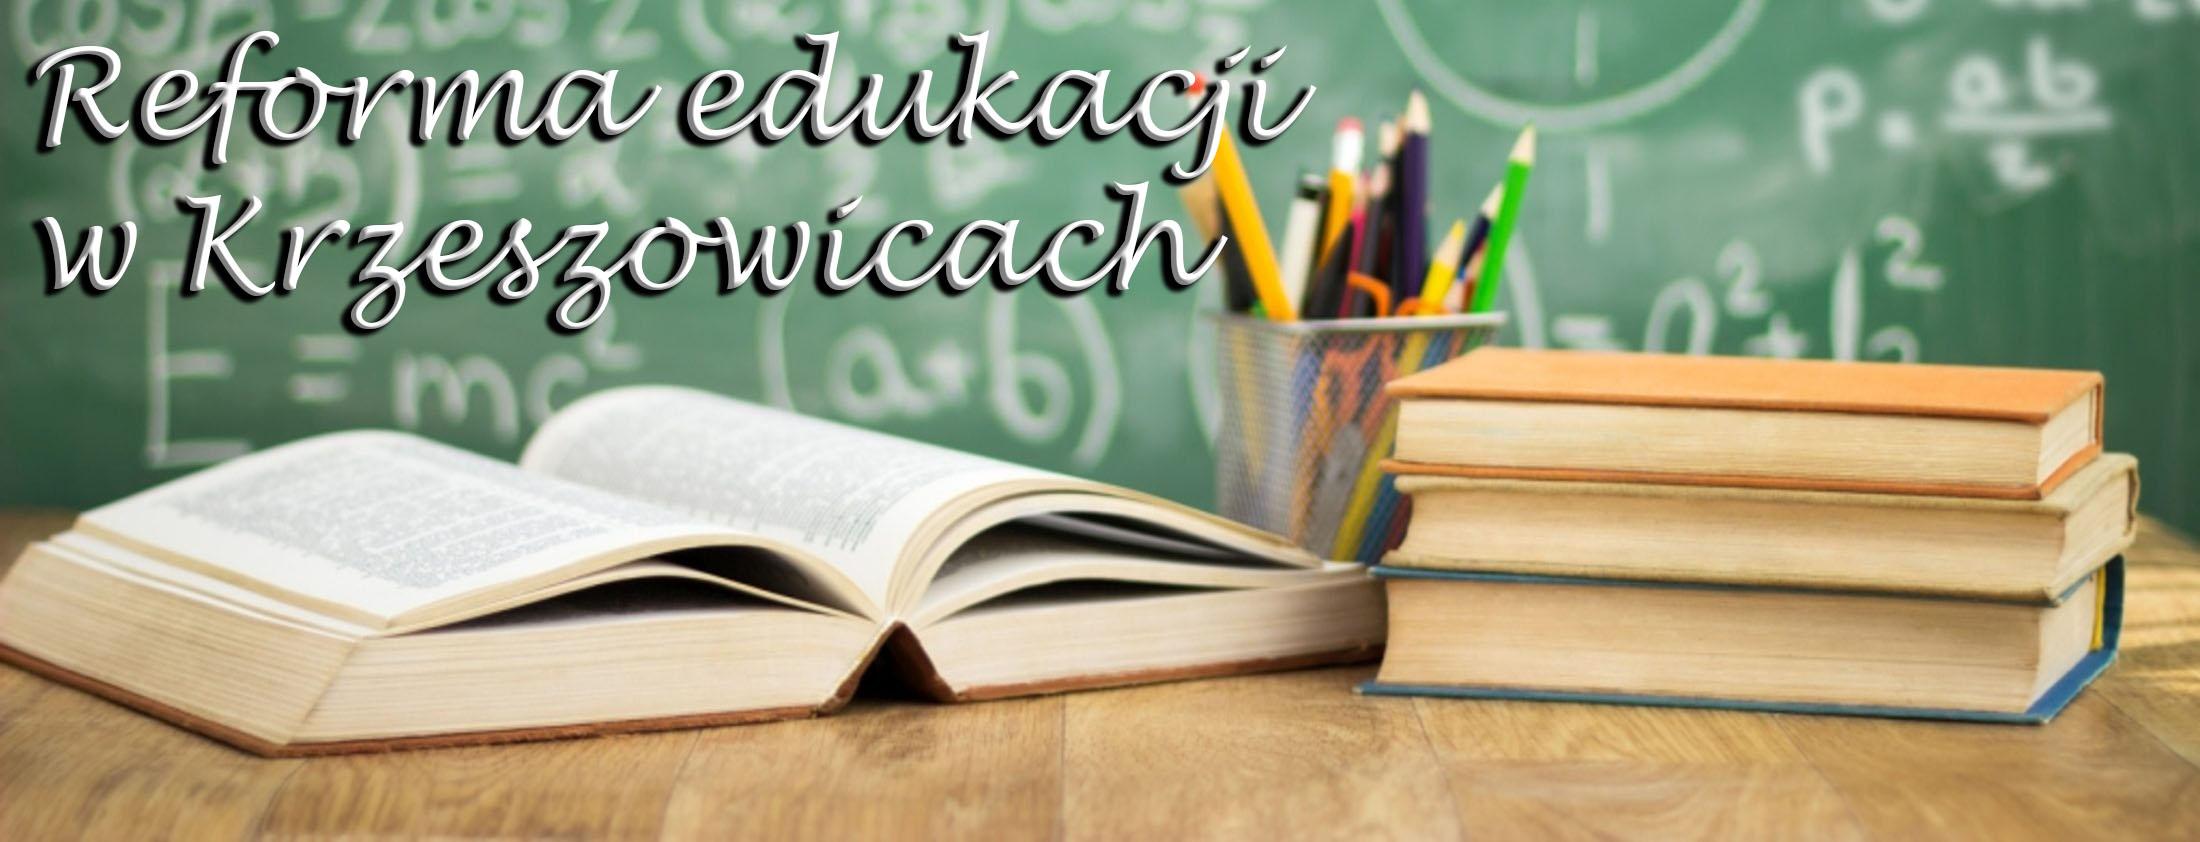 Reforma edukacji w Krzeszowicach